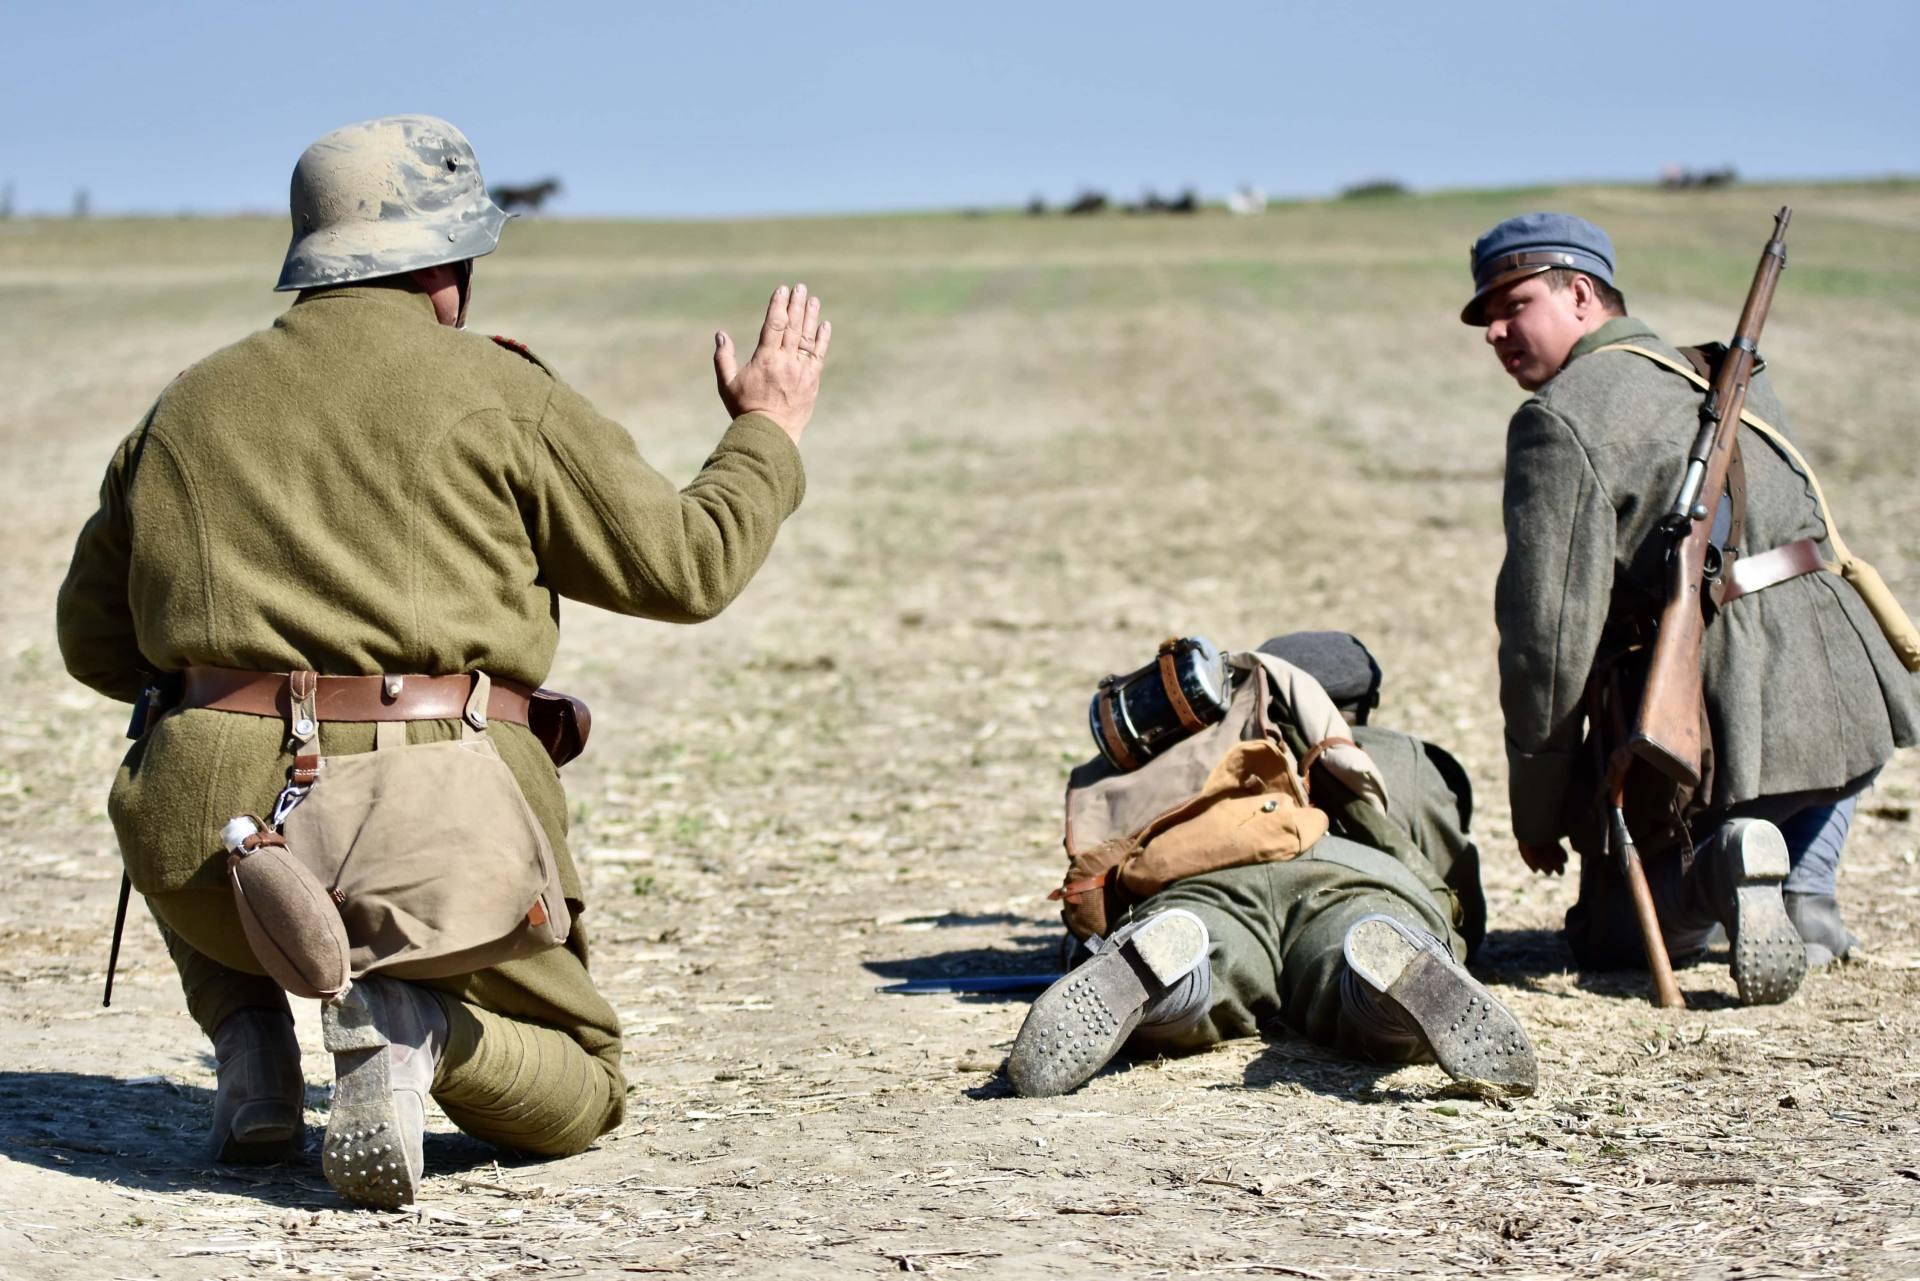 dsc 0941 Czas szabli - 100 rocznica bitwy pod Komarowem(zdjęcia)